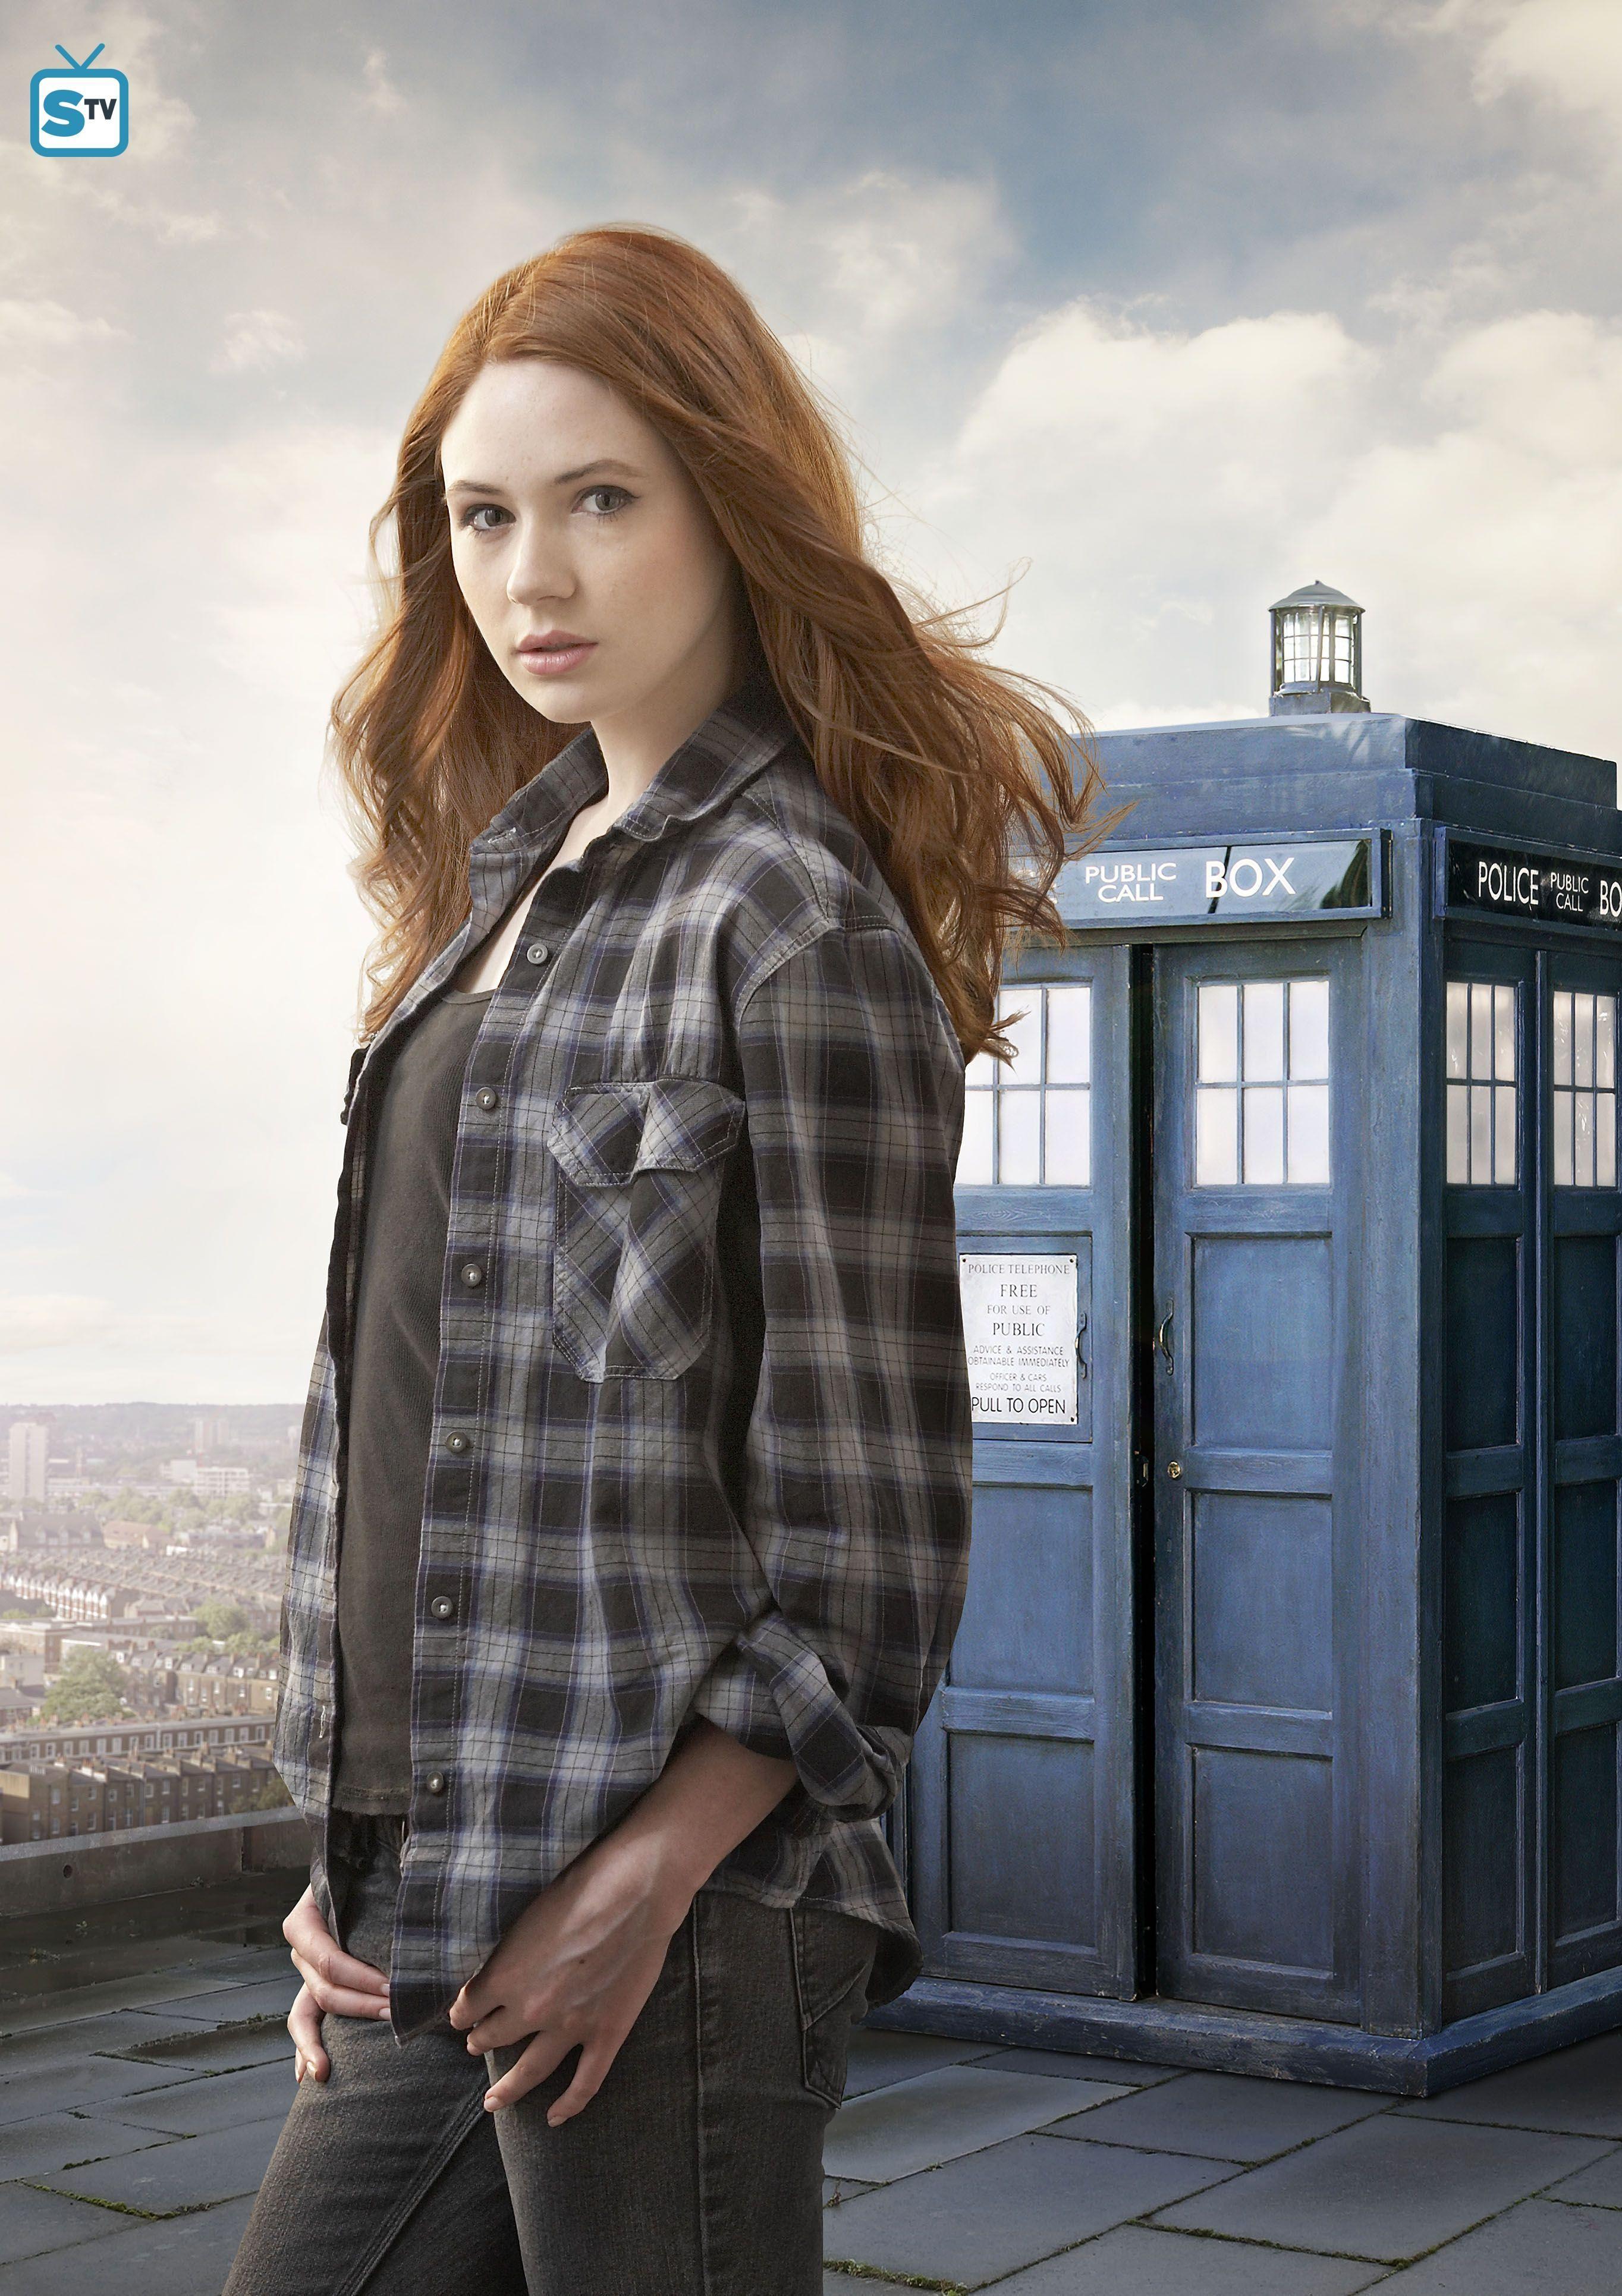 663a4d5fe1 Doctor Who Series 5 Karen Gillan as